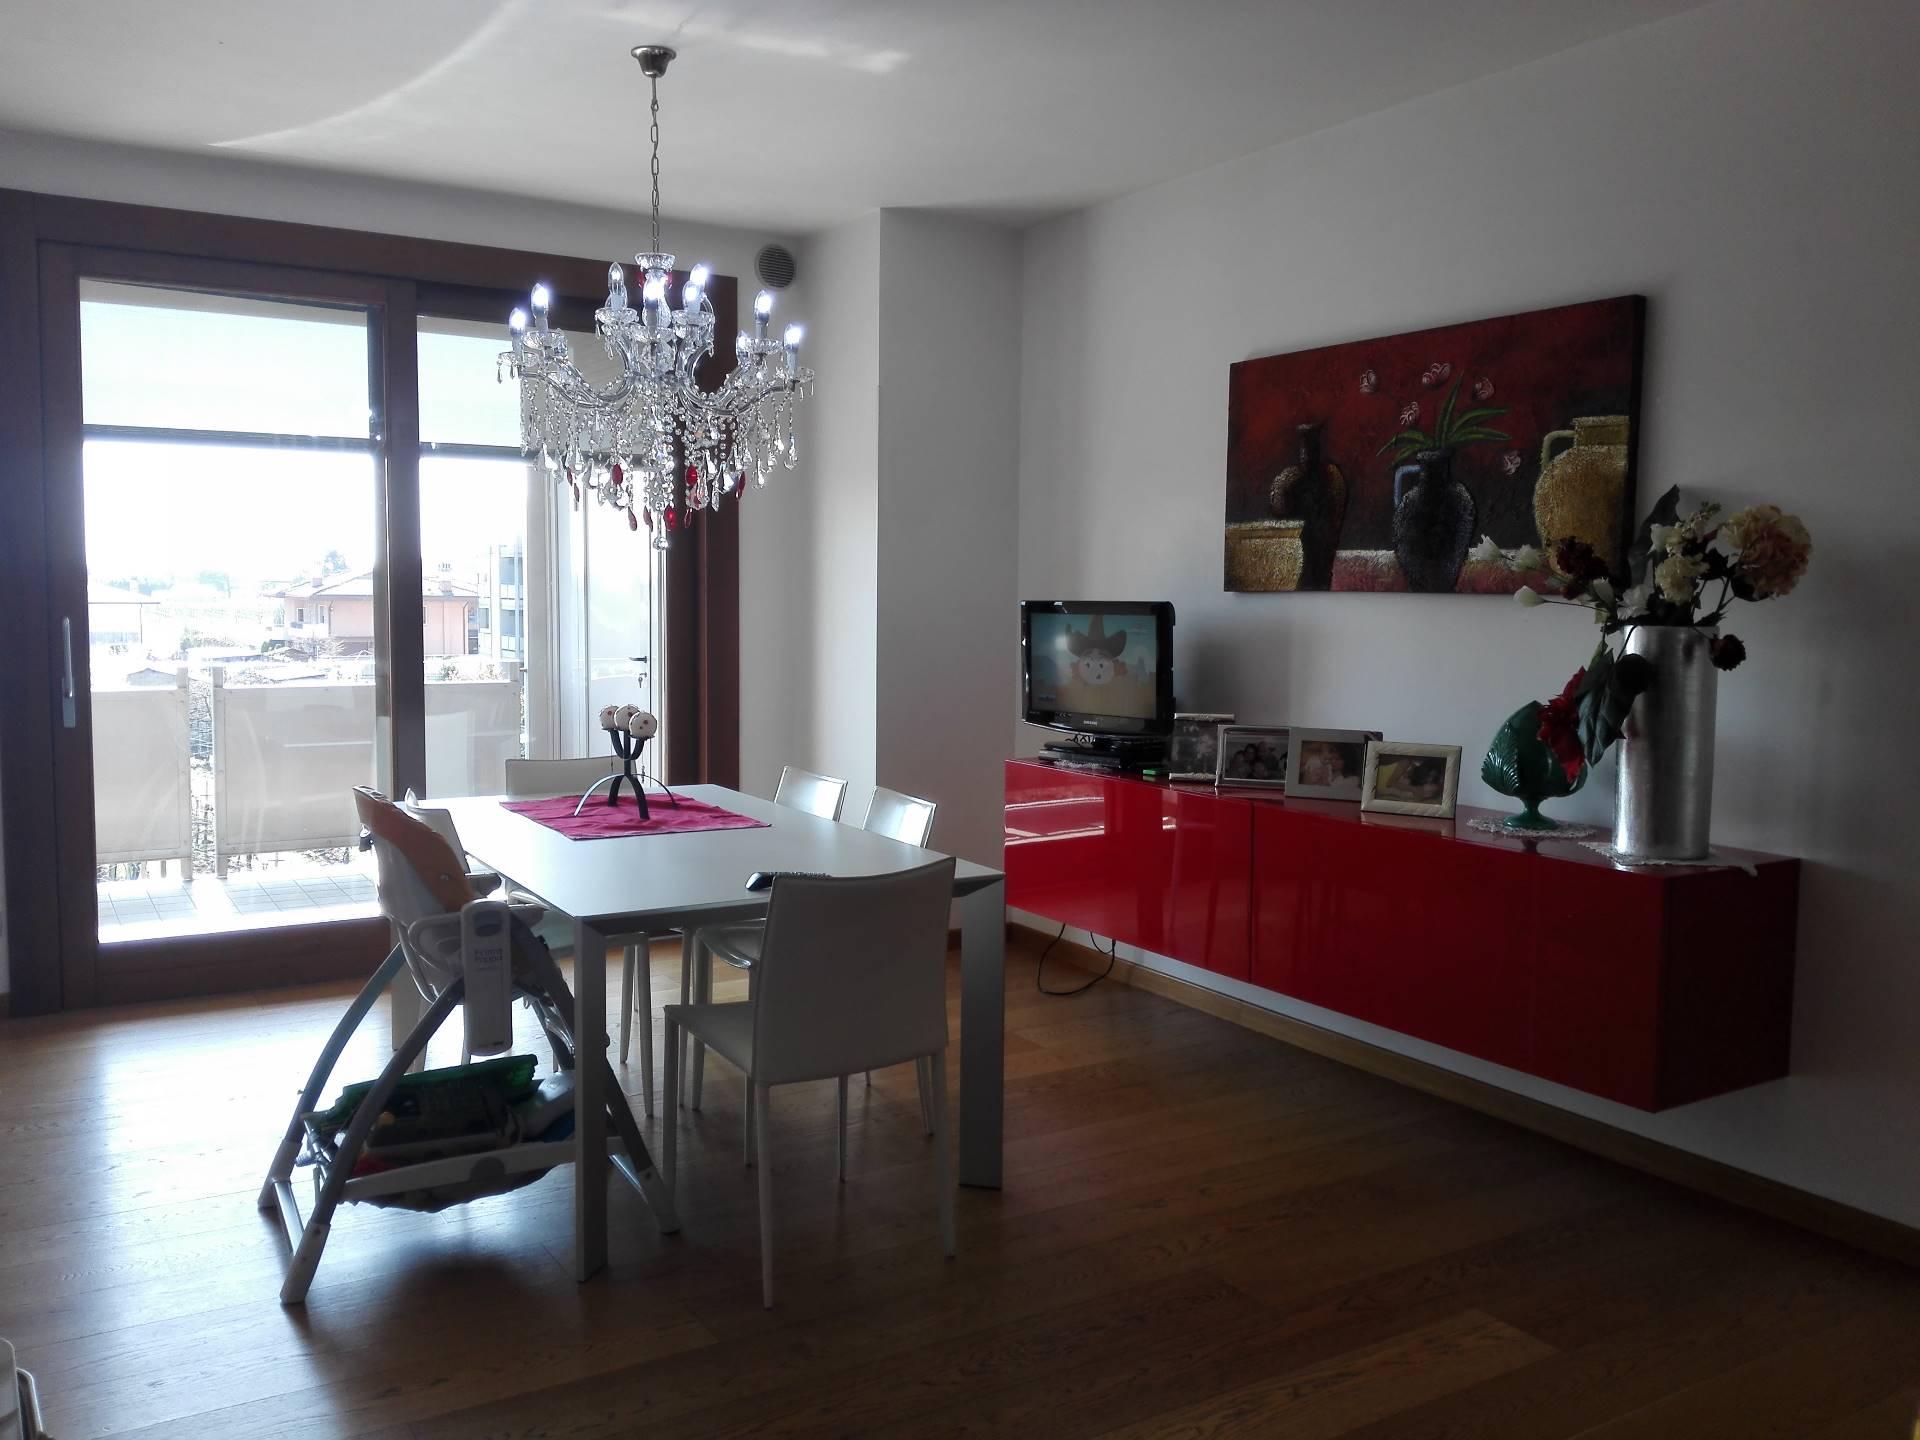 Attico / Mansarda in affitto a Santa Lucia di Piave, 5 locali, zona Zona: Sarano, prezzo € 1.600 | Cambio Casa.it